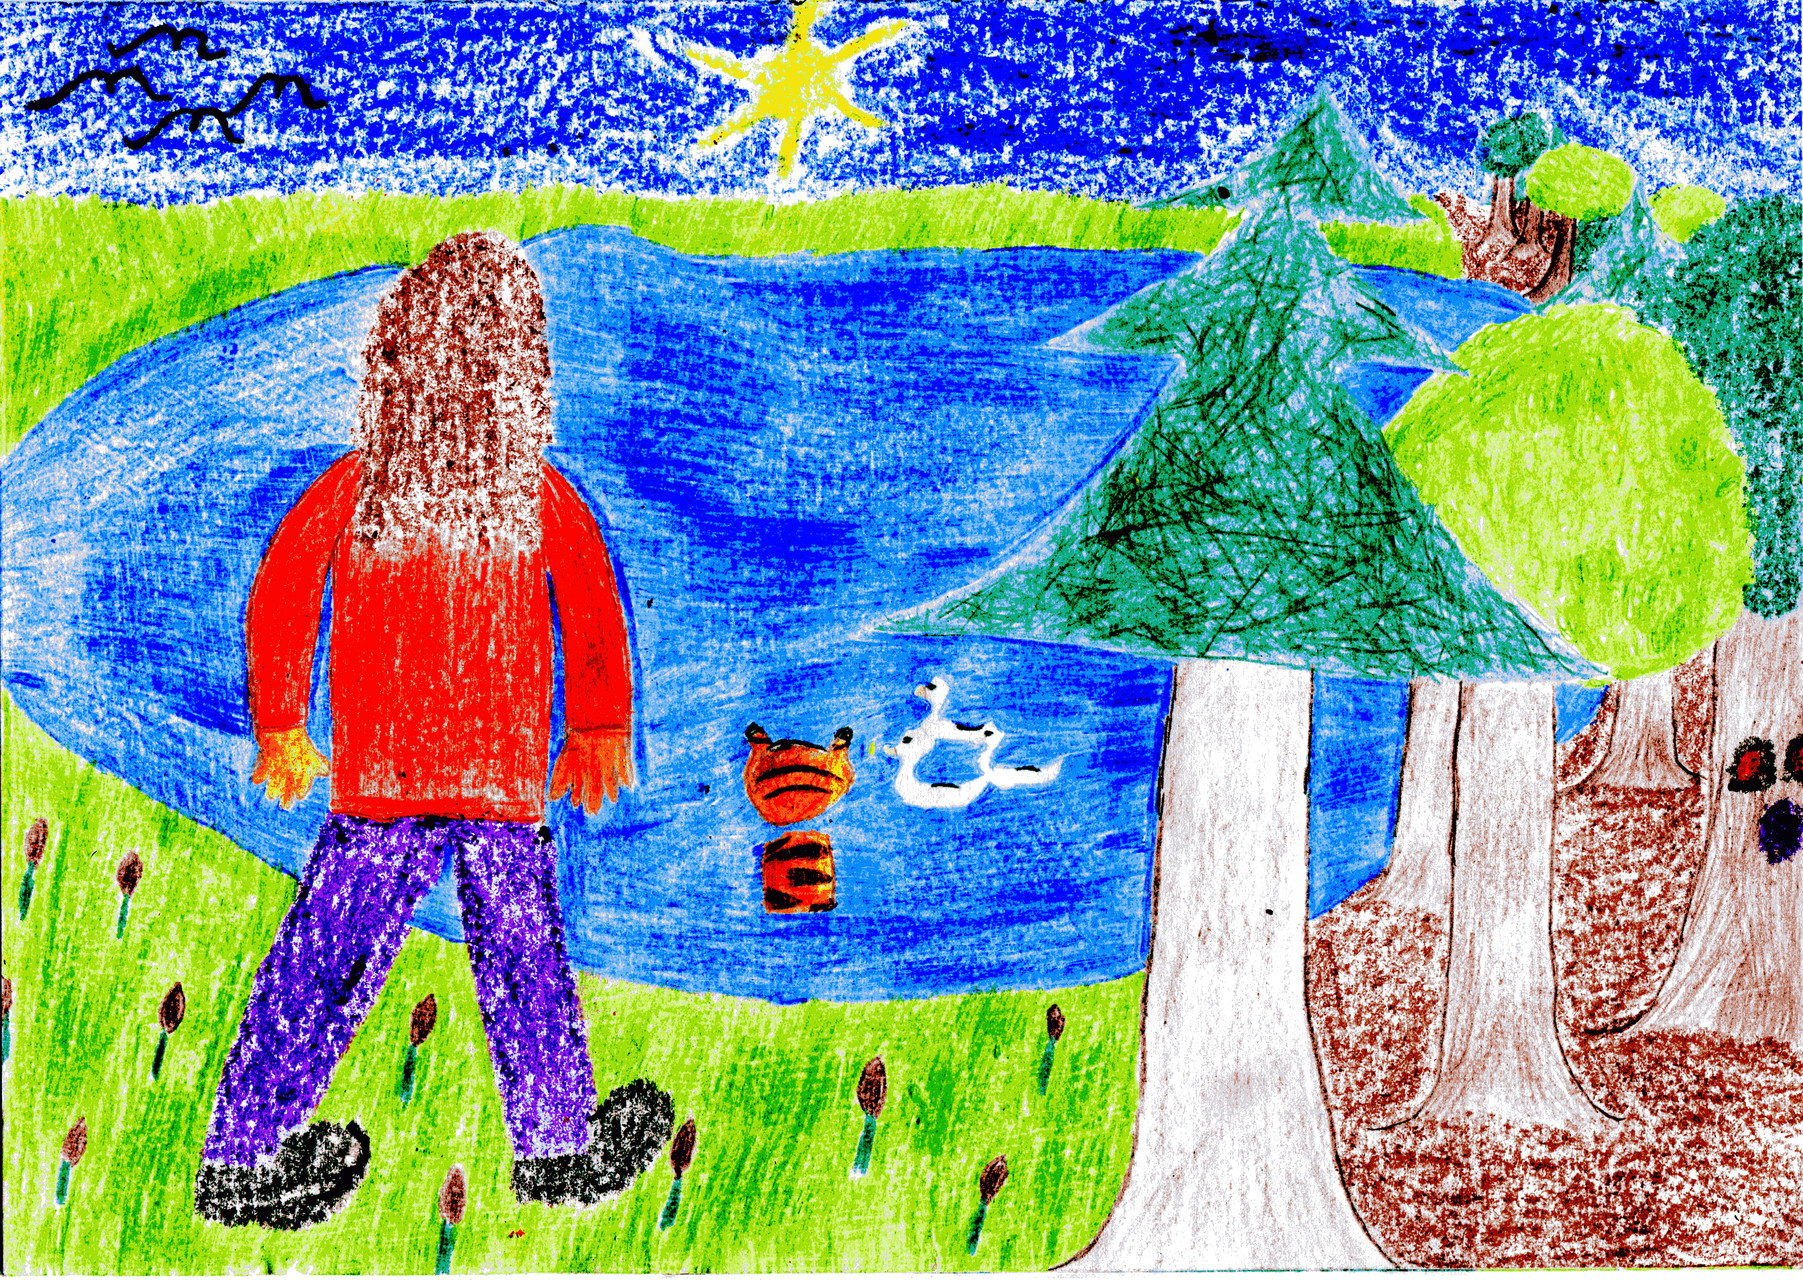 Dorothea und der Tiger am Teich